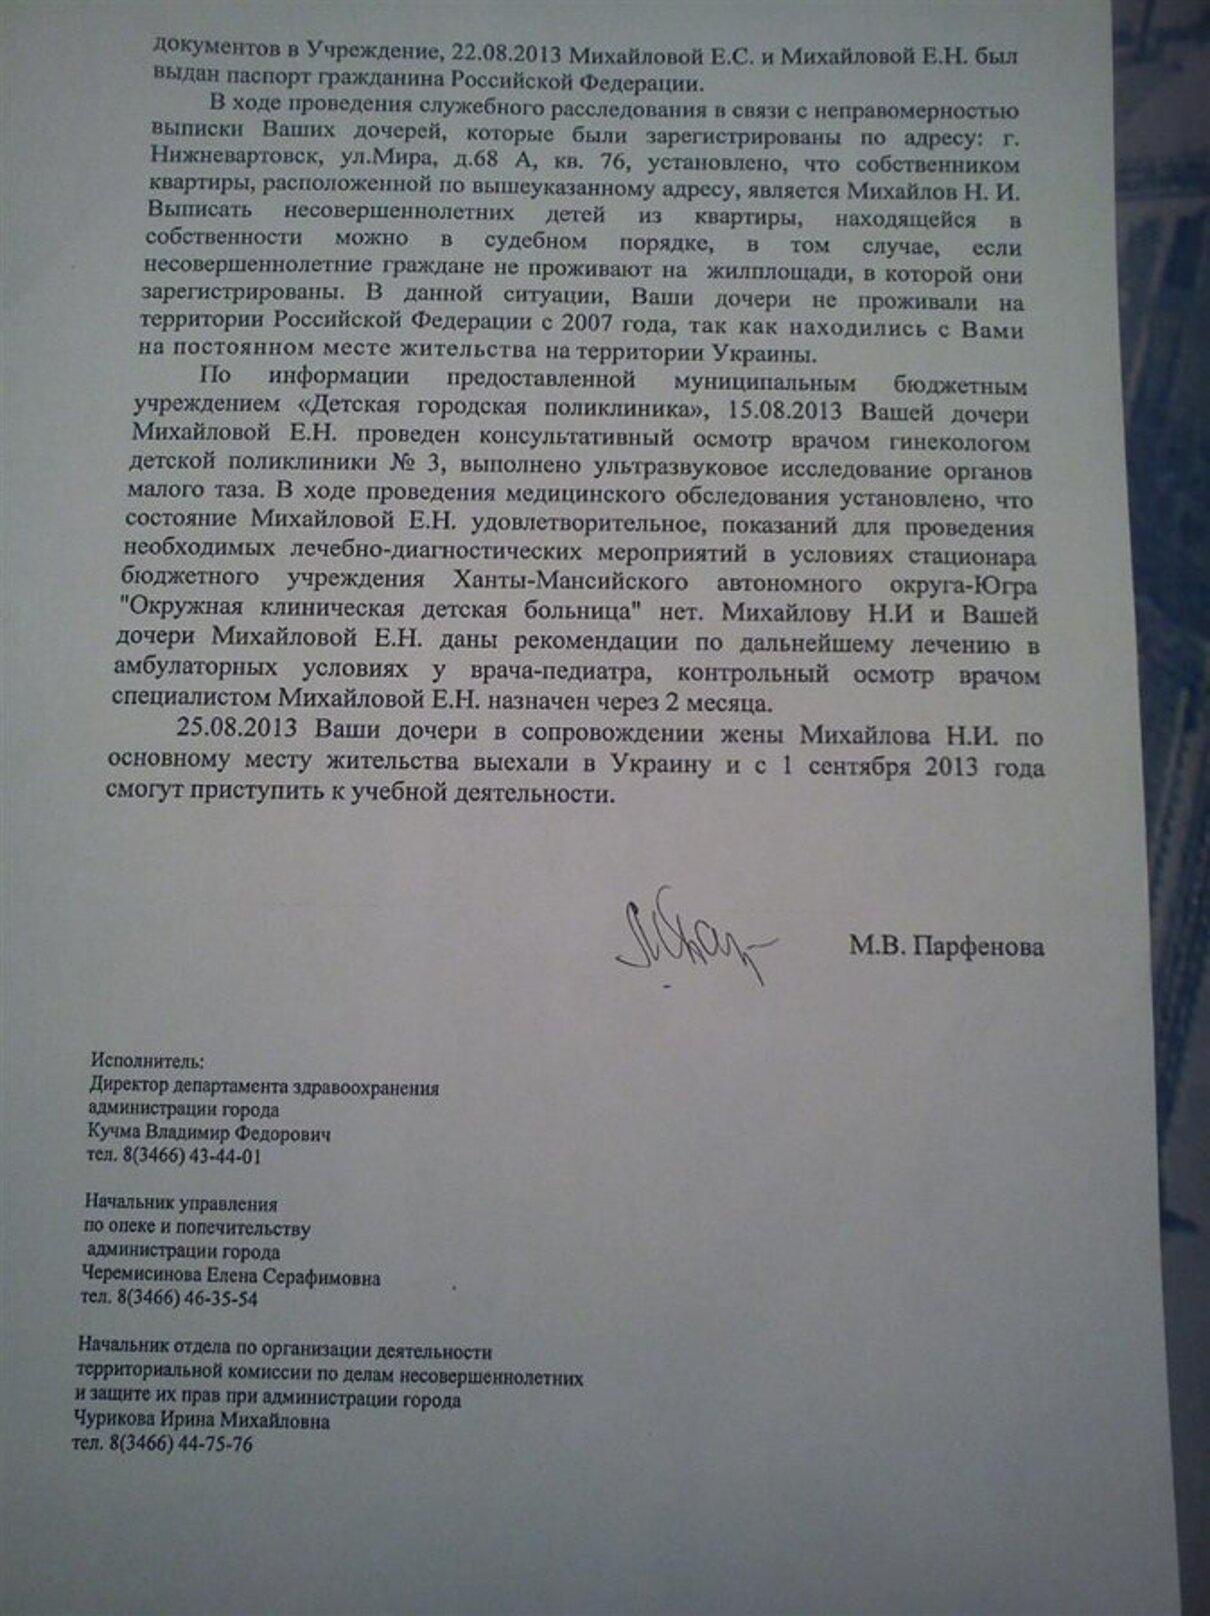 Жалоба-отзыв: Прокуратура РФ - Вы видели смерть в 17-ть лет?.  Фото №3